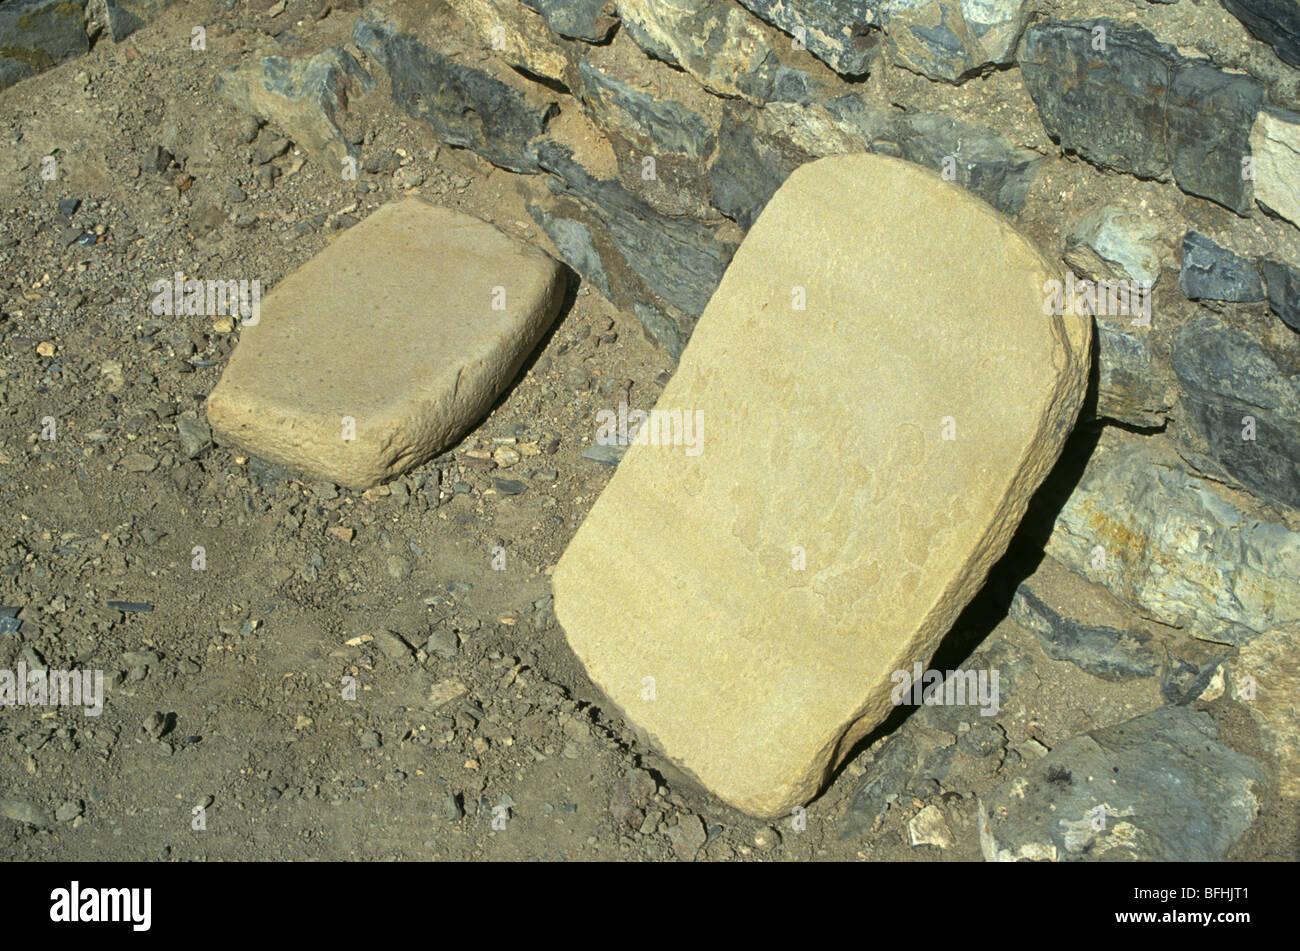 Una de manos y metates o piedras de moler maíz hecho de arenisca por los indios anasazi Imagen De Stock